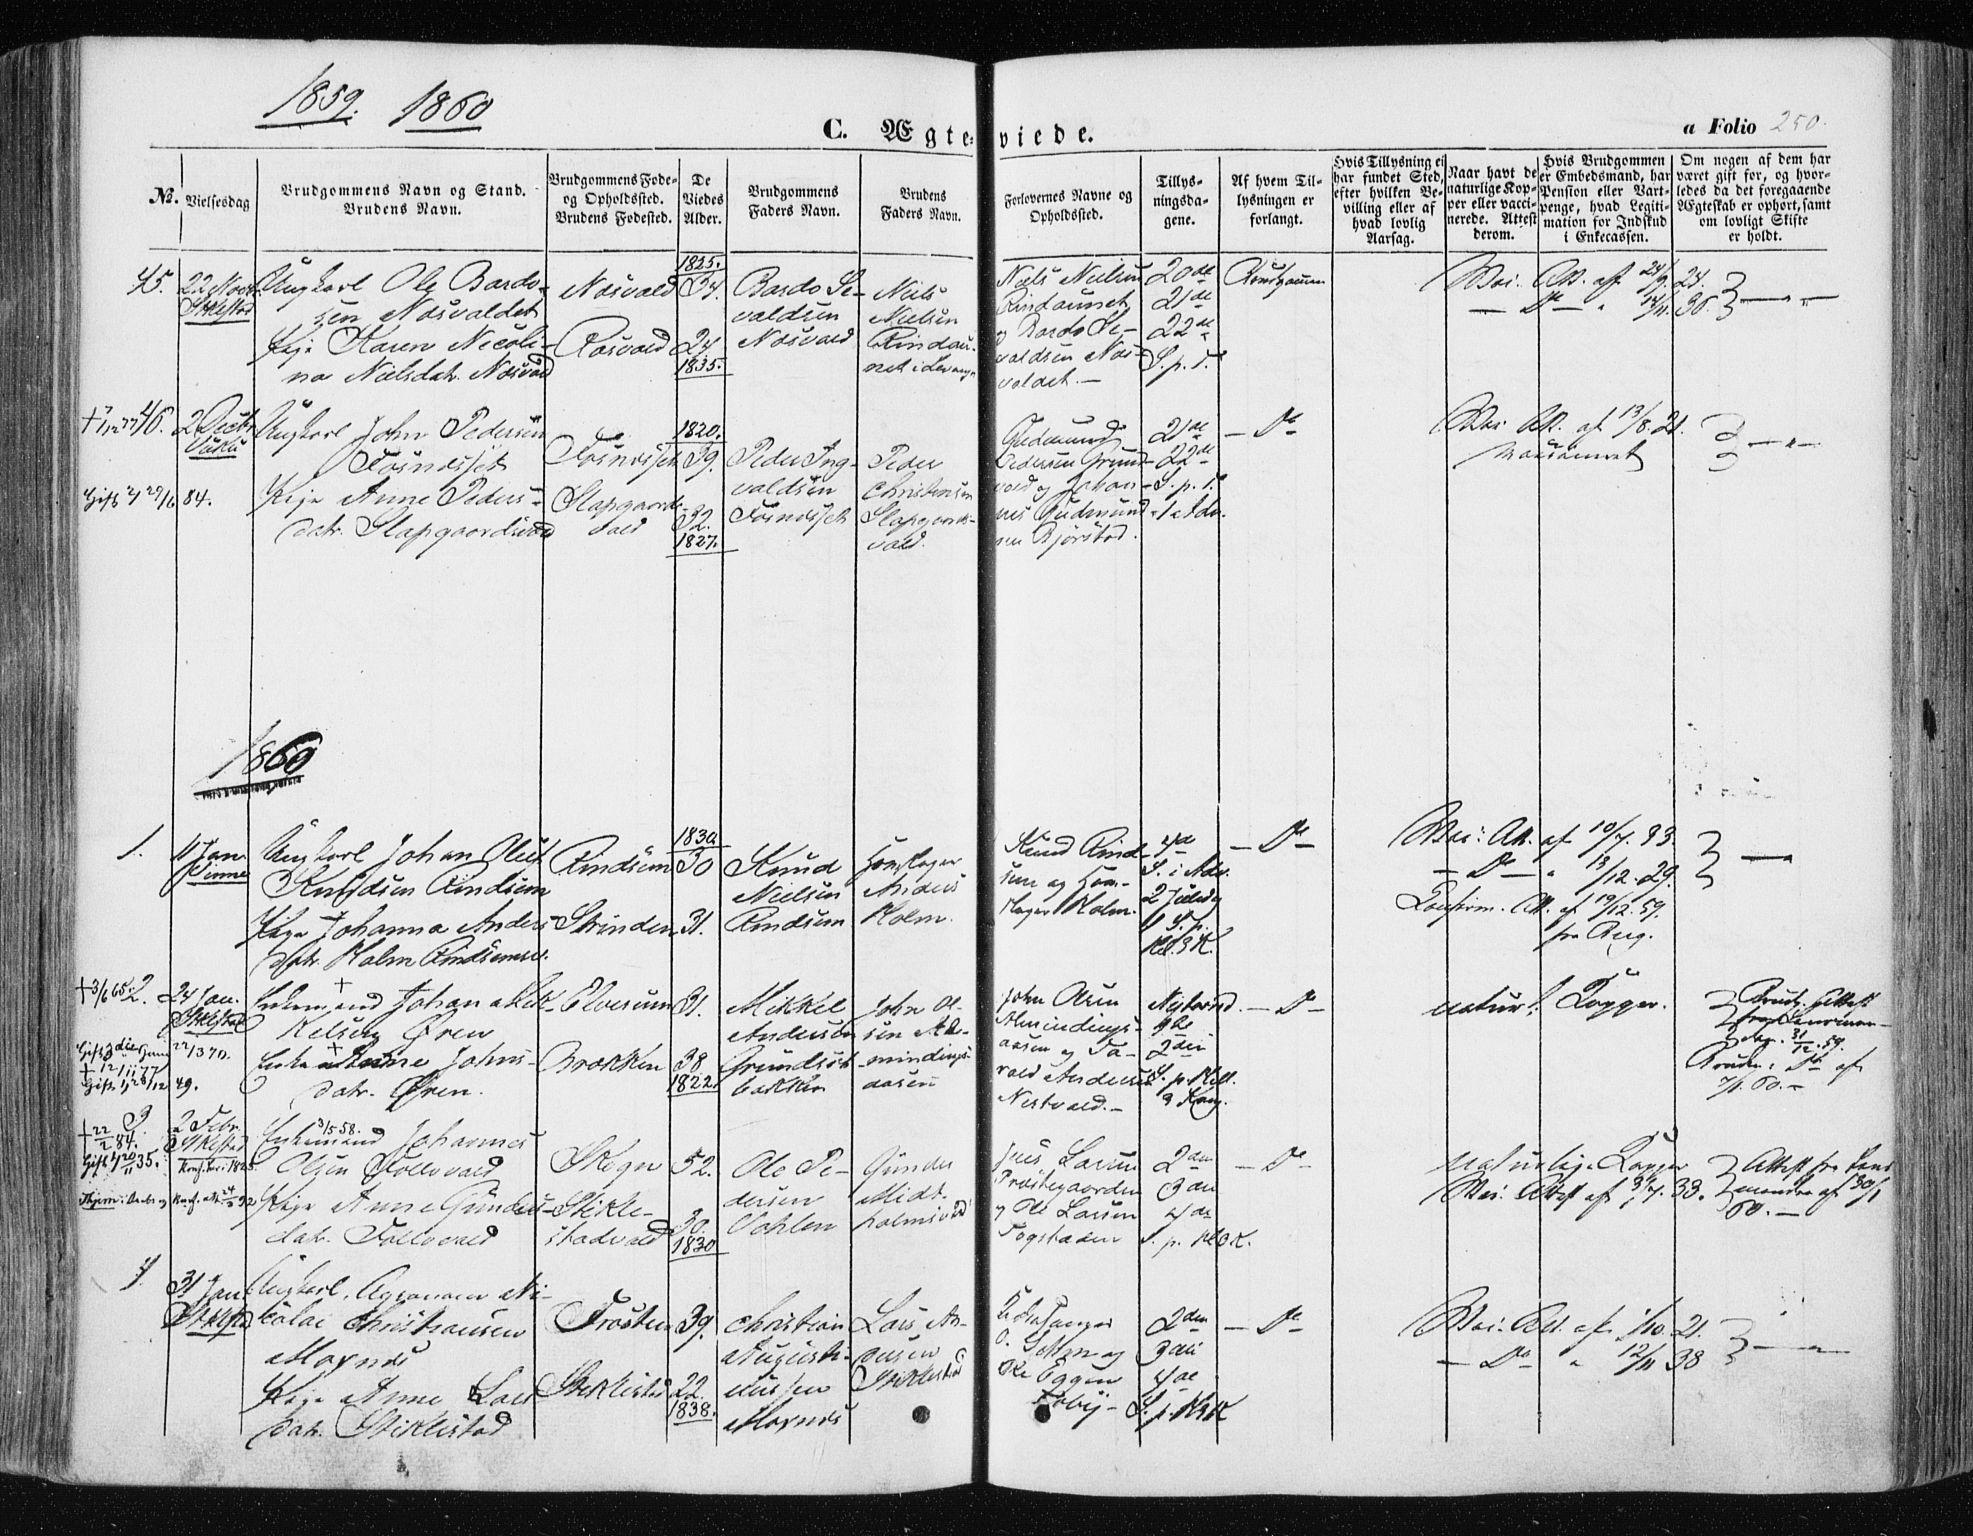 SAT, Ministerialprotokoller, klokkerbøker og fødselsregistre - Nord-Trøndelag, 723/L0240: Ministerialbok nr. 723A09, 1852-1860, s. 250